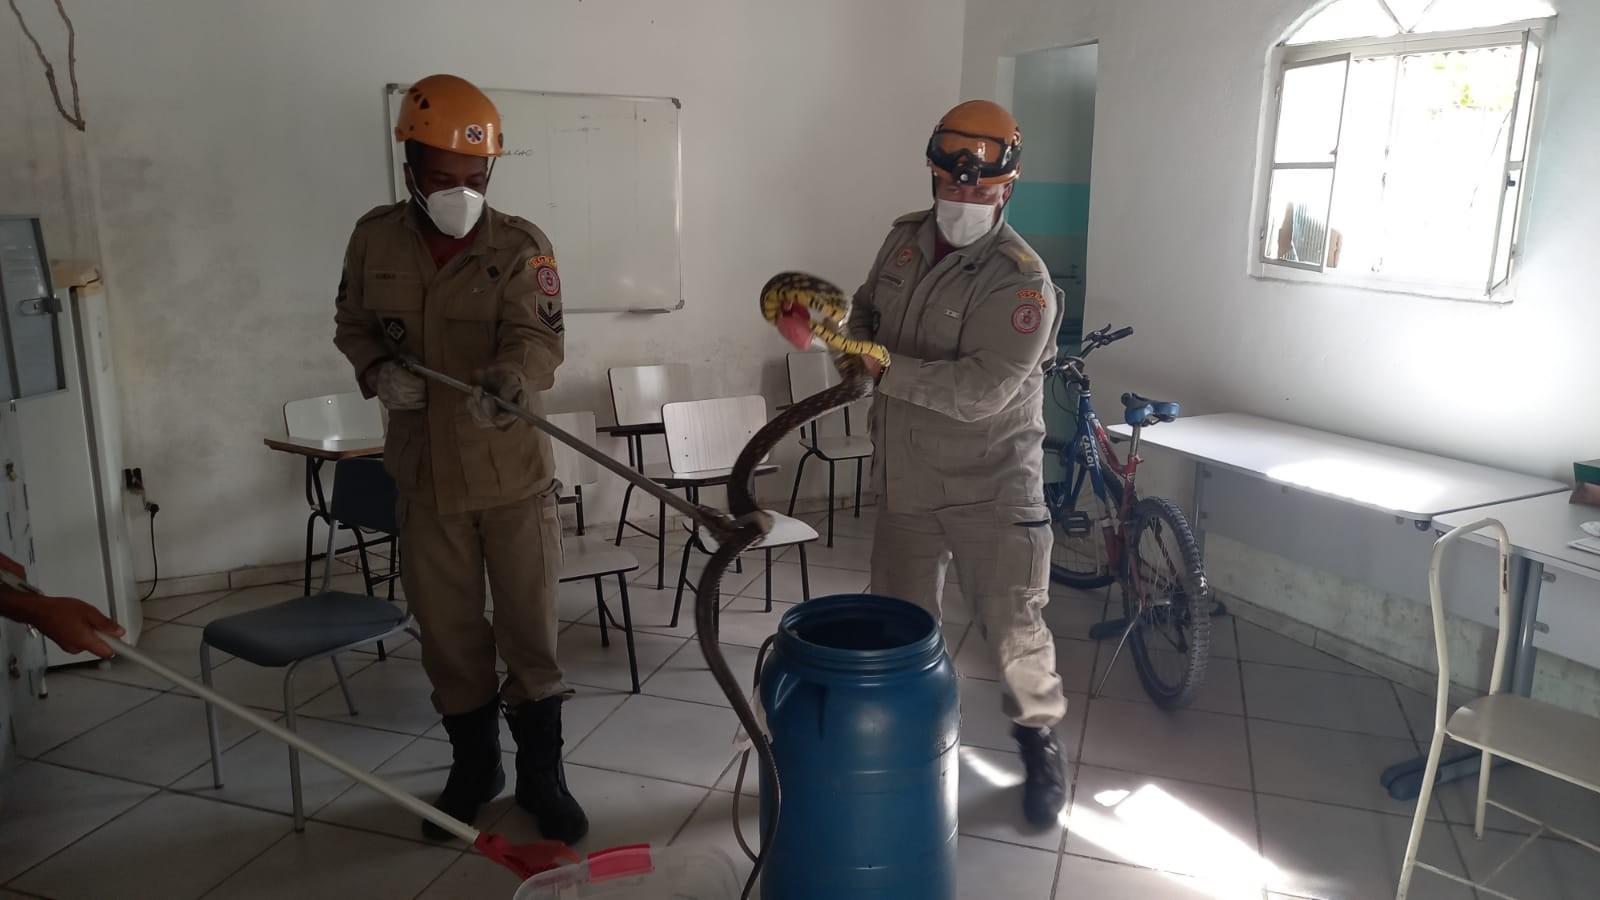 Cobra da espécie caninana é encontrada dentro de oficina em Três Rios